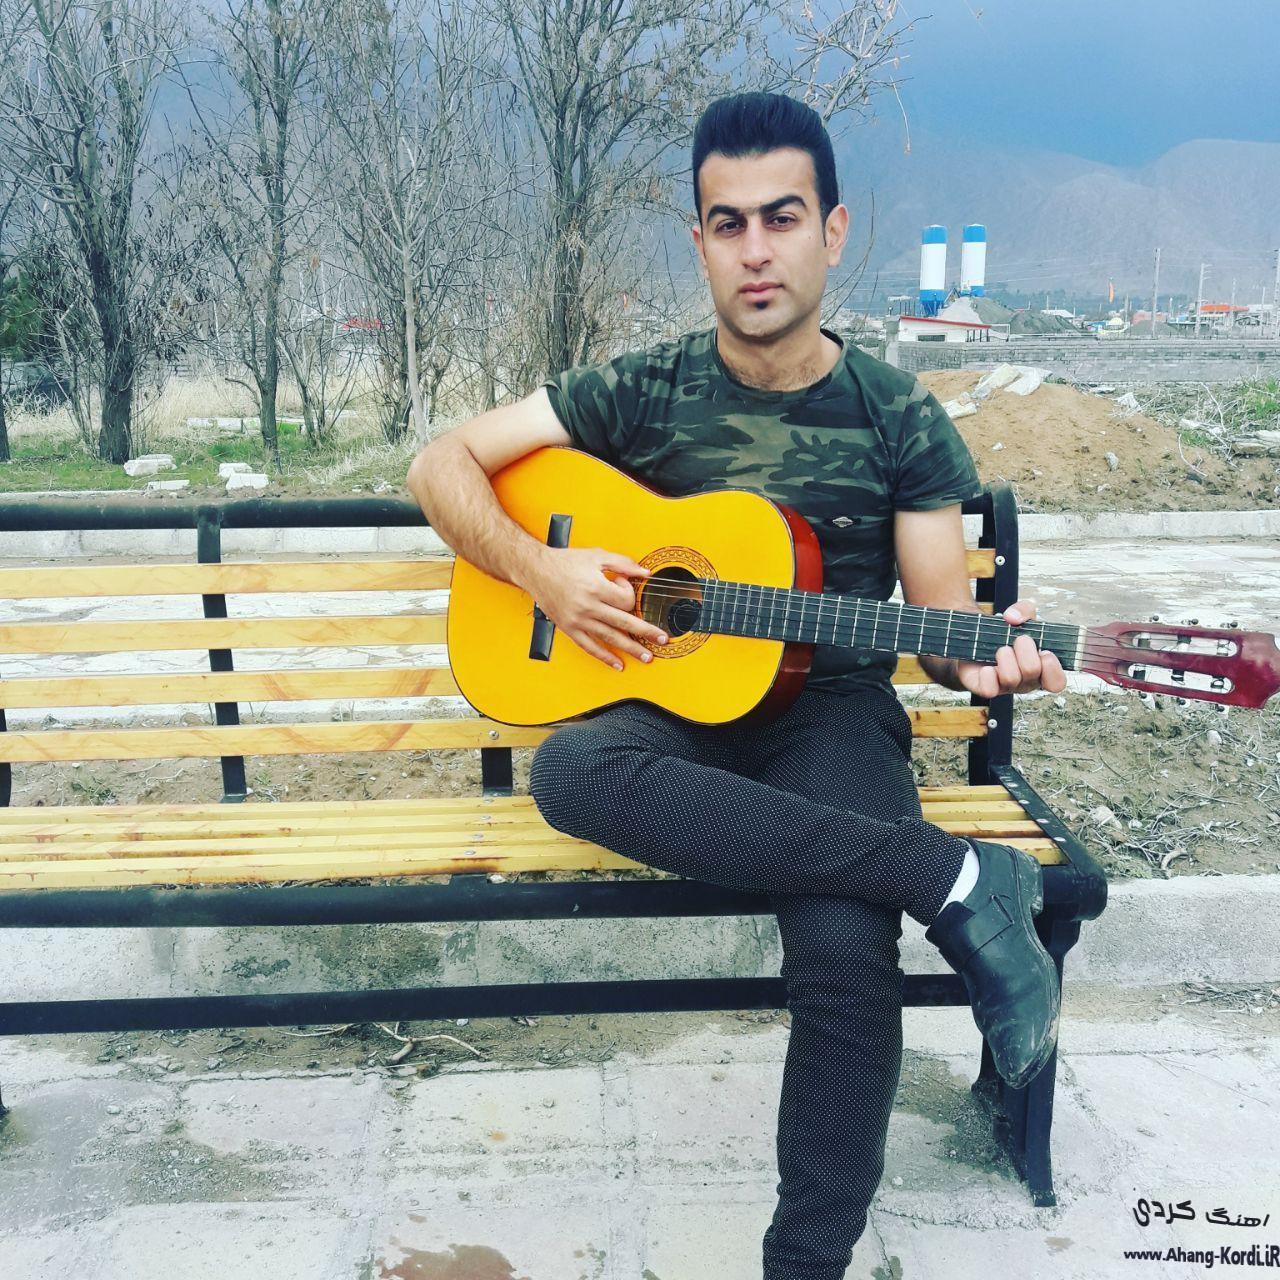 photo 2019 06 10 14 35 45 - دانلود آلبوم جدید رحیم چمبتانی 2019 شاد و گریان